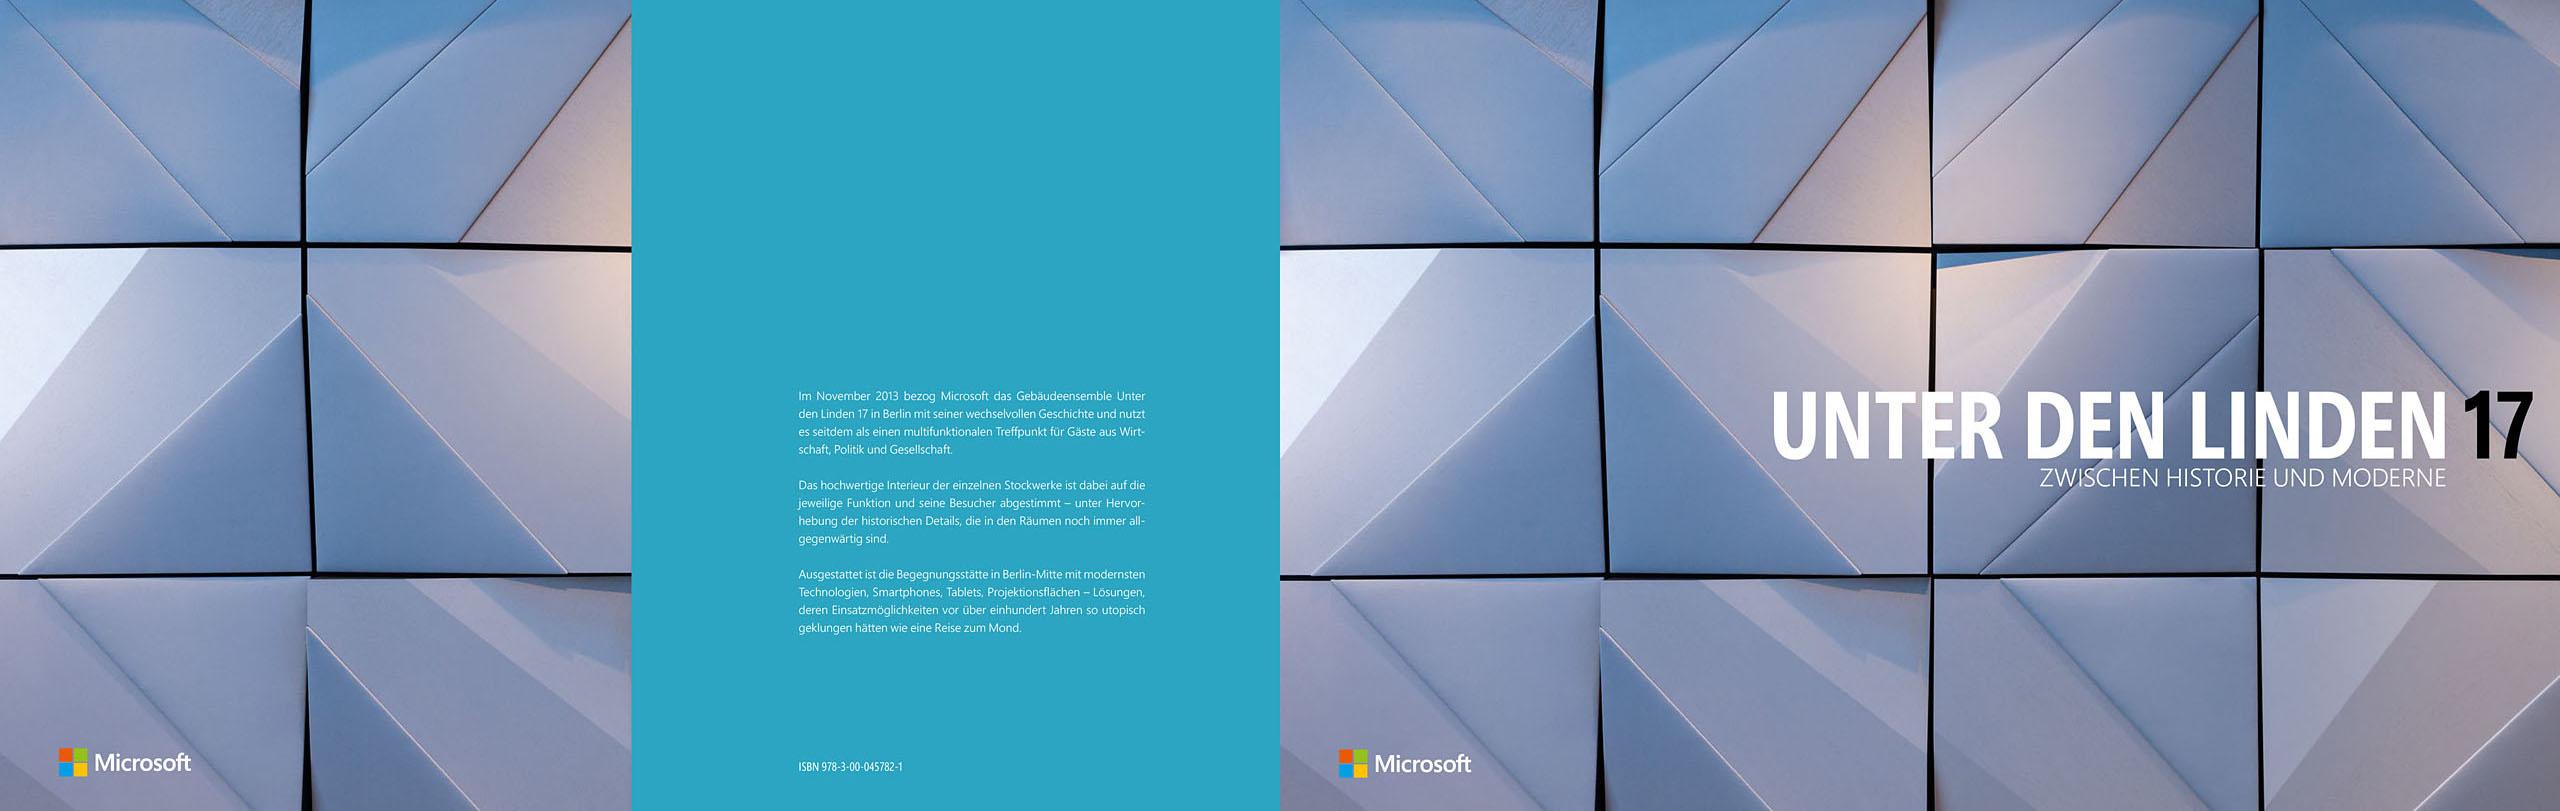 UNTER DEN LINDEN 17, Bildband, Microsoft Deutschland, Ansichten aus dem 156-seitigen Buch